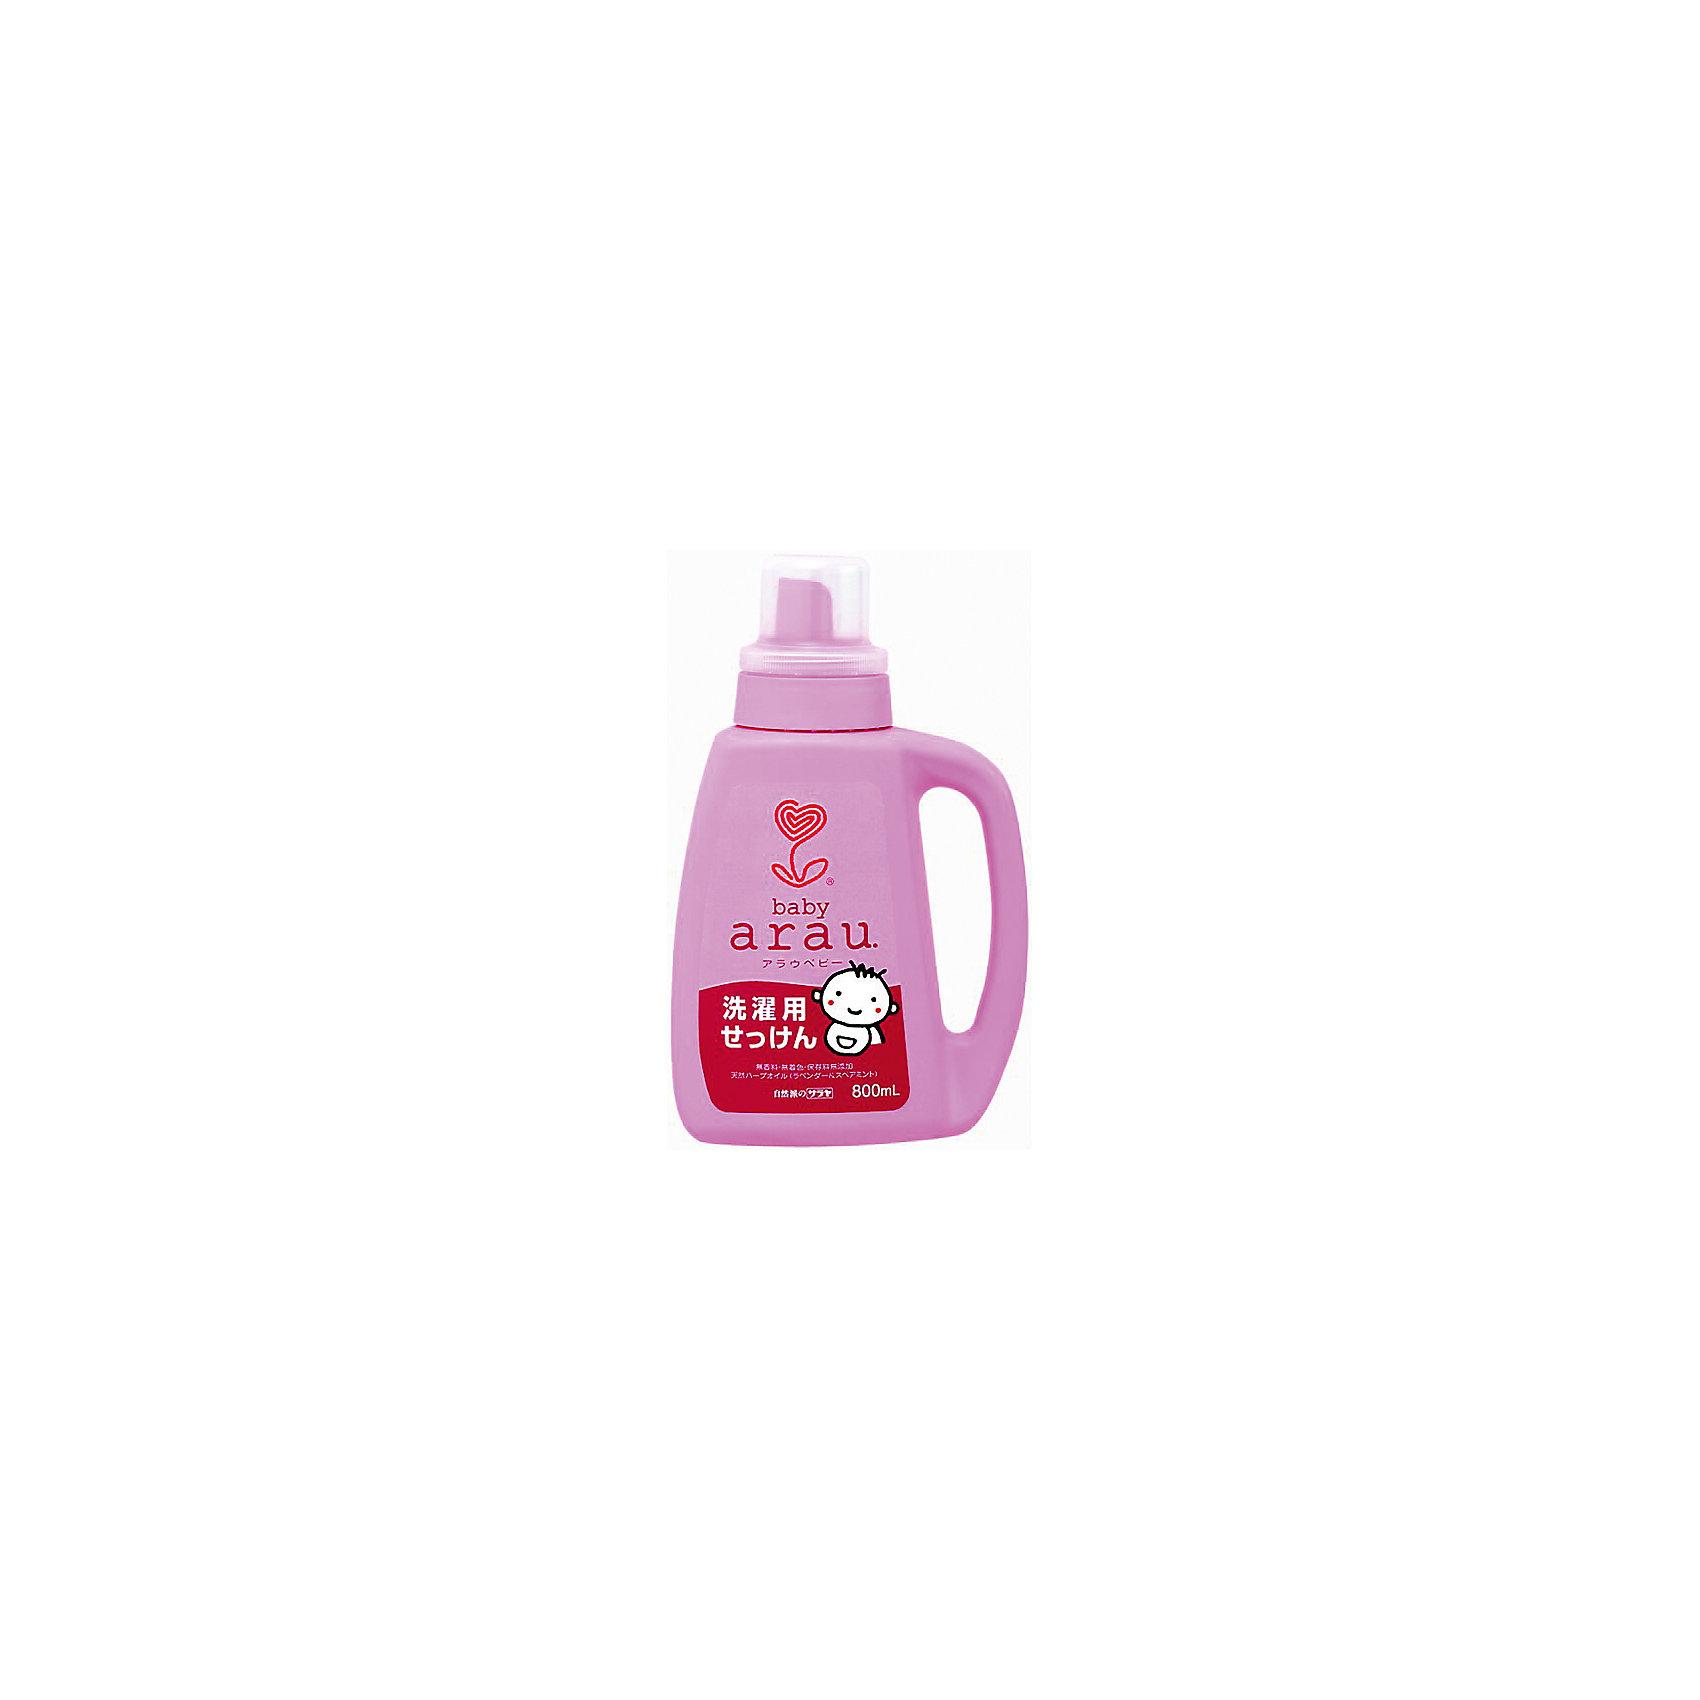 Жидкость для стирки детской одежды Arau Baby, 800 мл., saraya (Saraya)